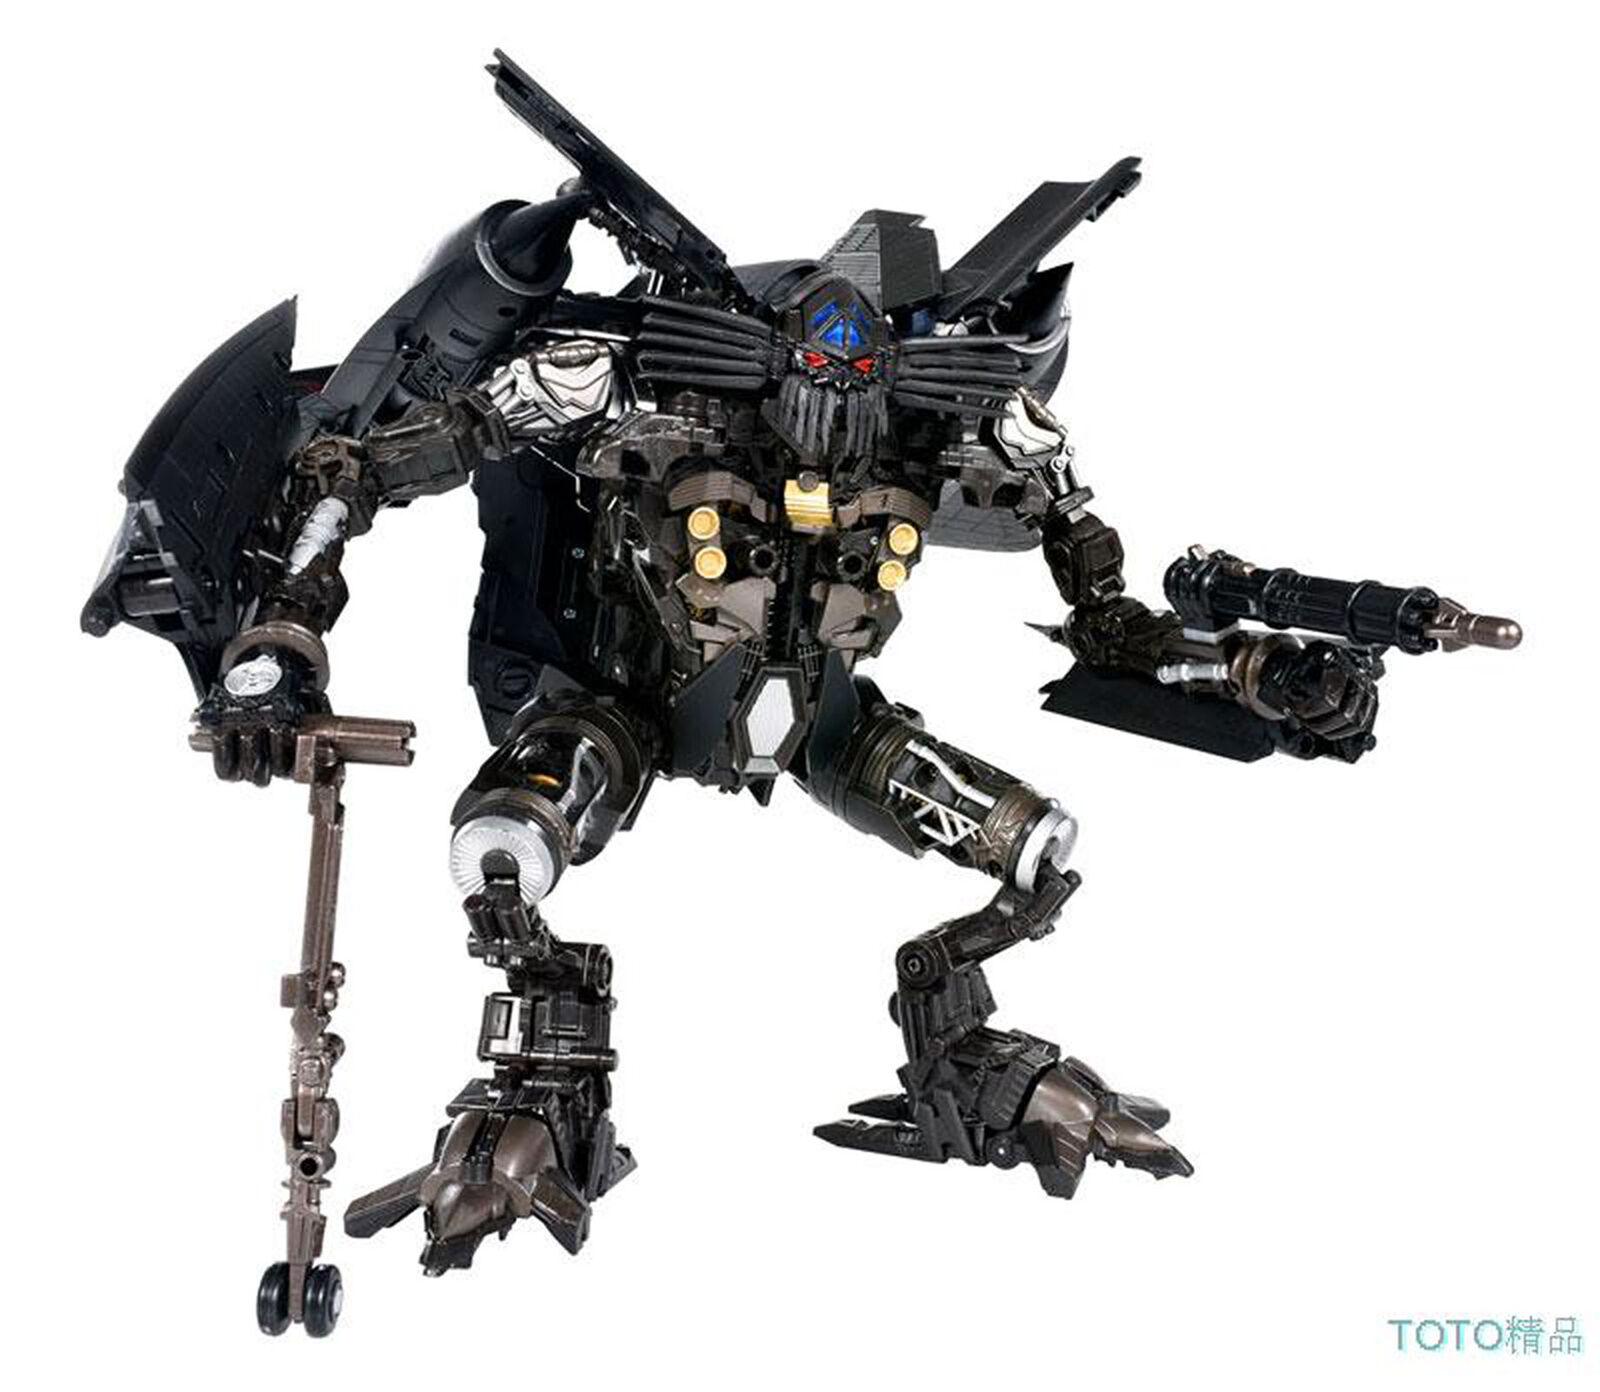 Transformers mb-16 Jetfire Movie The Best figura de acción 10th Anniversary niños